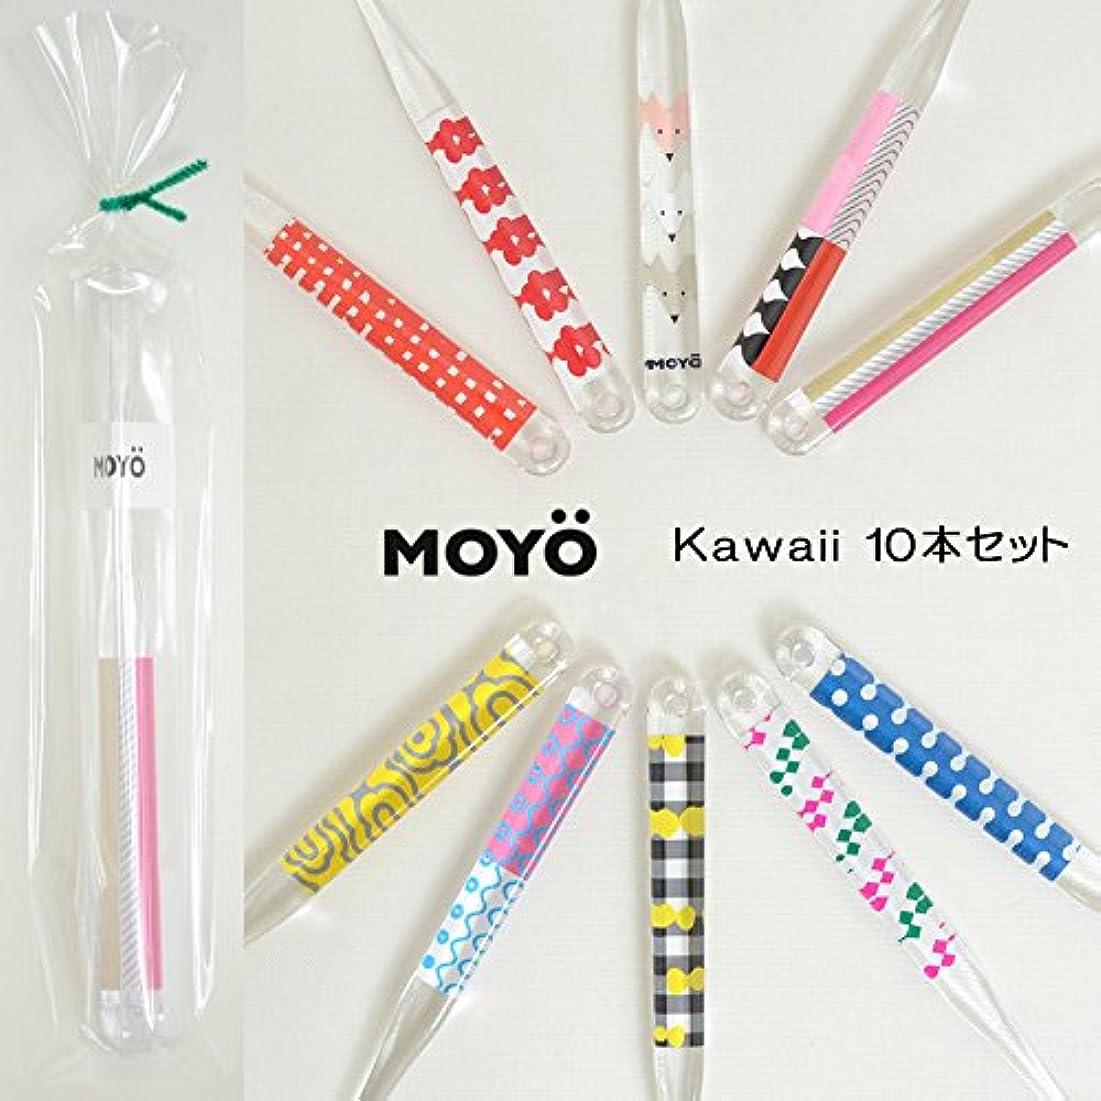 一次クルーズ不格好MOYO モヨウ kawaii10本 プチ ギフト セット_562302-kawaii2 【F】,kawaii10本セット